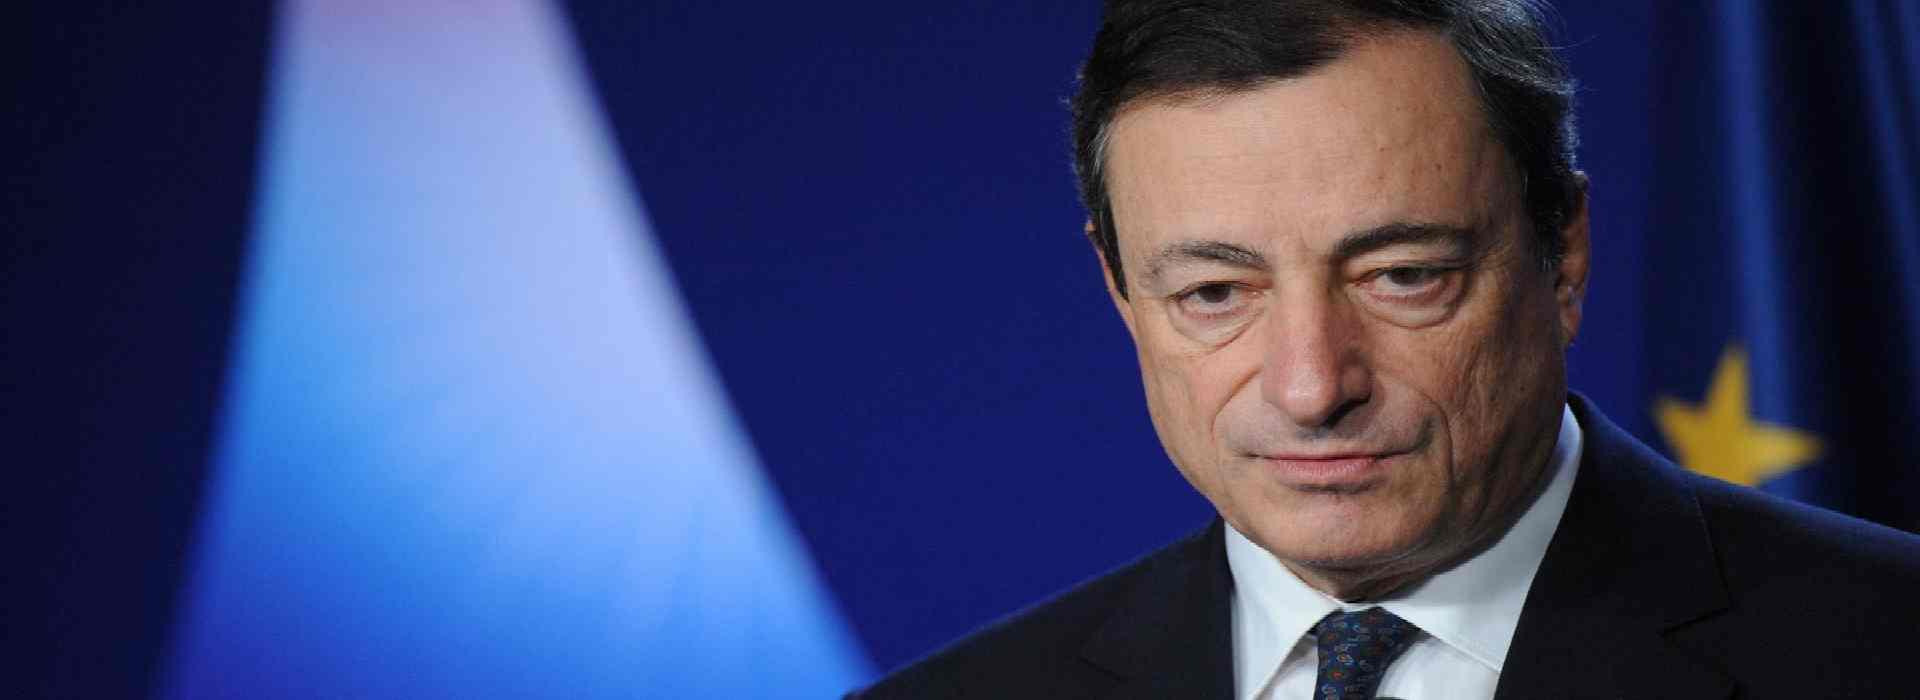 Governo Draghi: tutte le nuove poltrone. Cdp, Fs-Anas e i miliardi di soldi pubblici